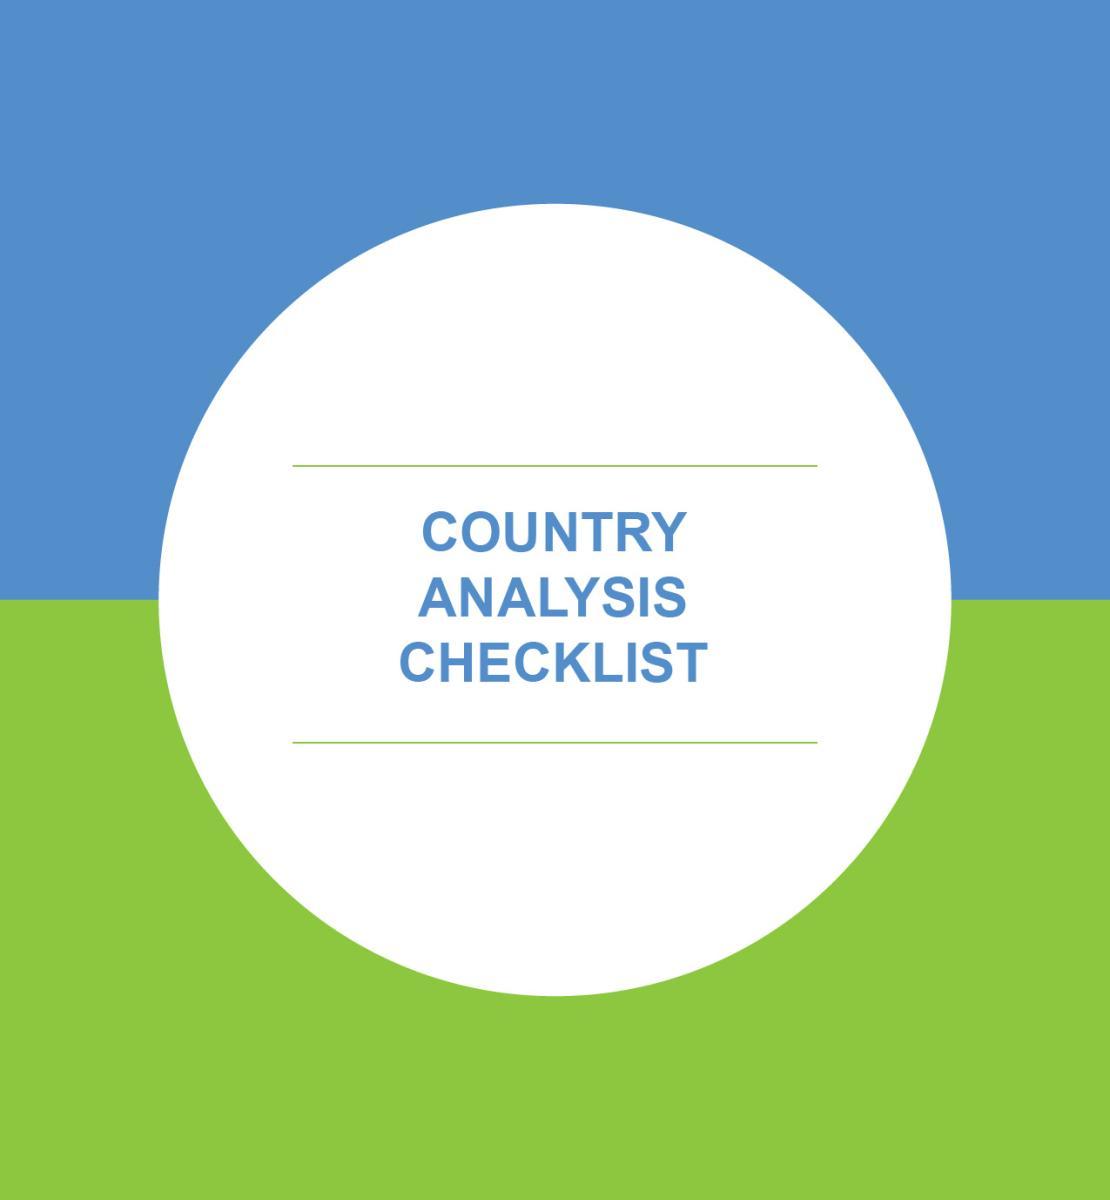 Liste de contrôle à utiliser dans le cadre de l'analyse de pays